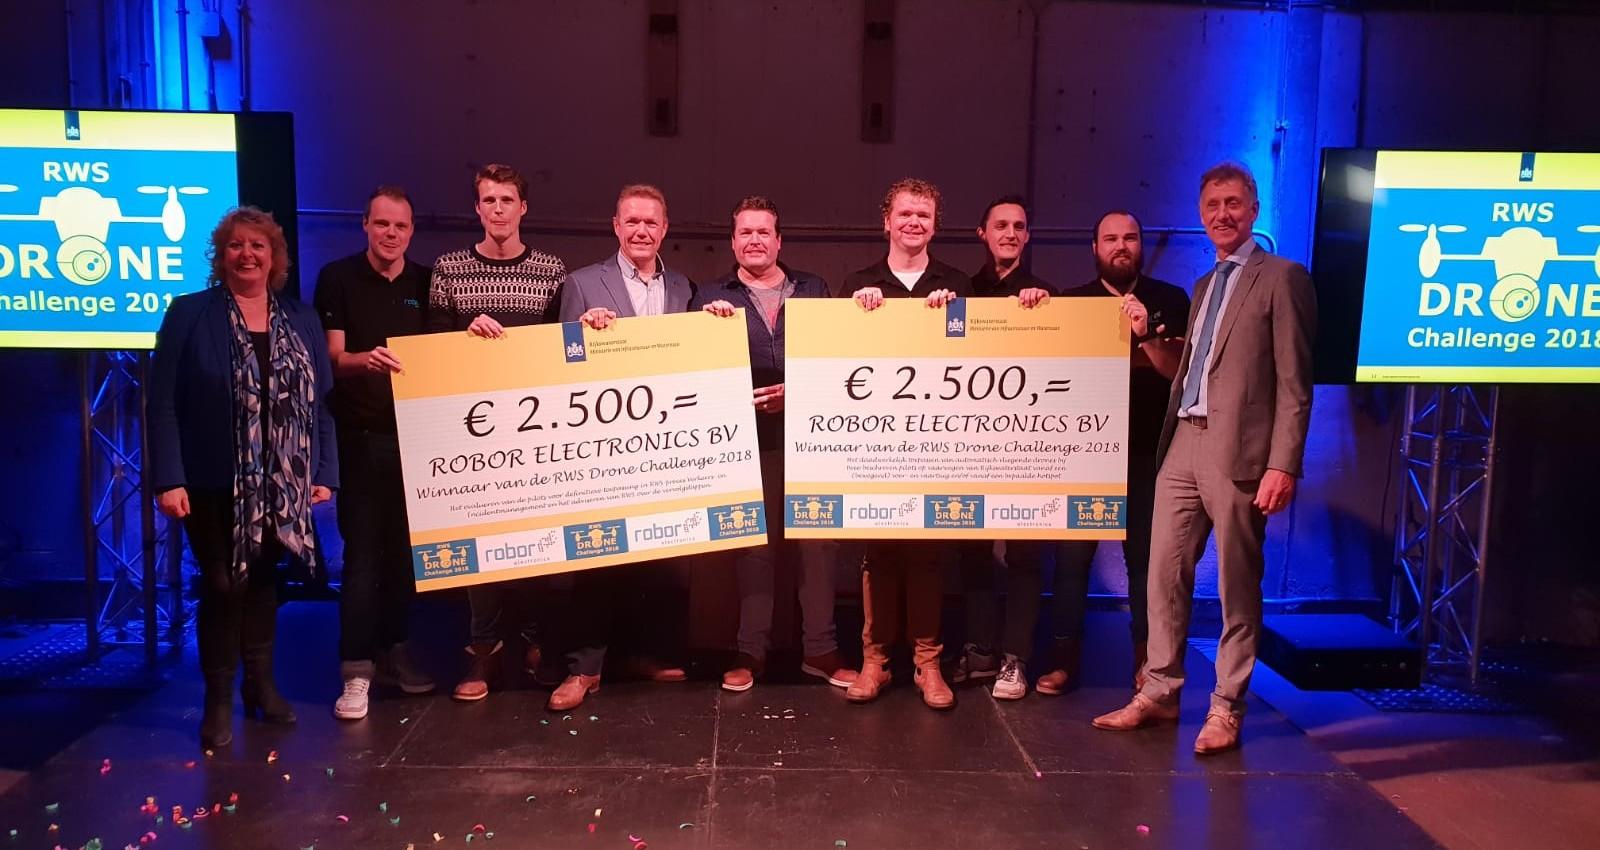 Finale Rijkswaterstaat Drone Challenge 2018 – Winnaars bekend